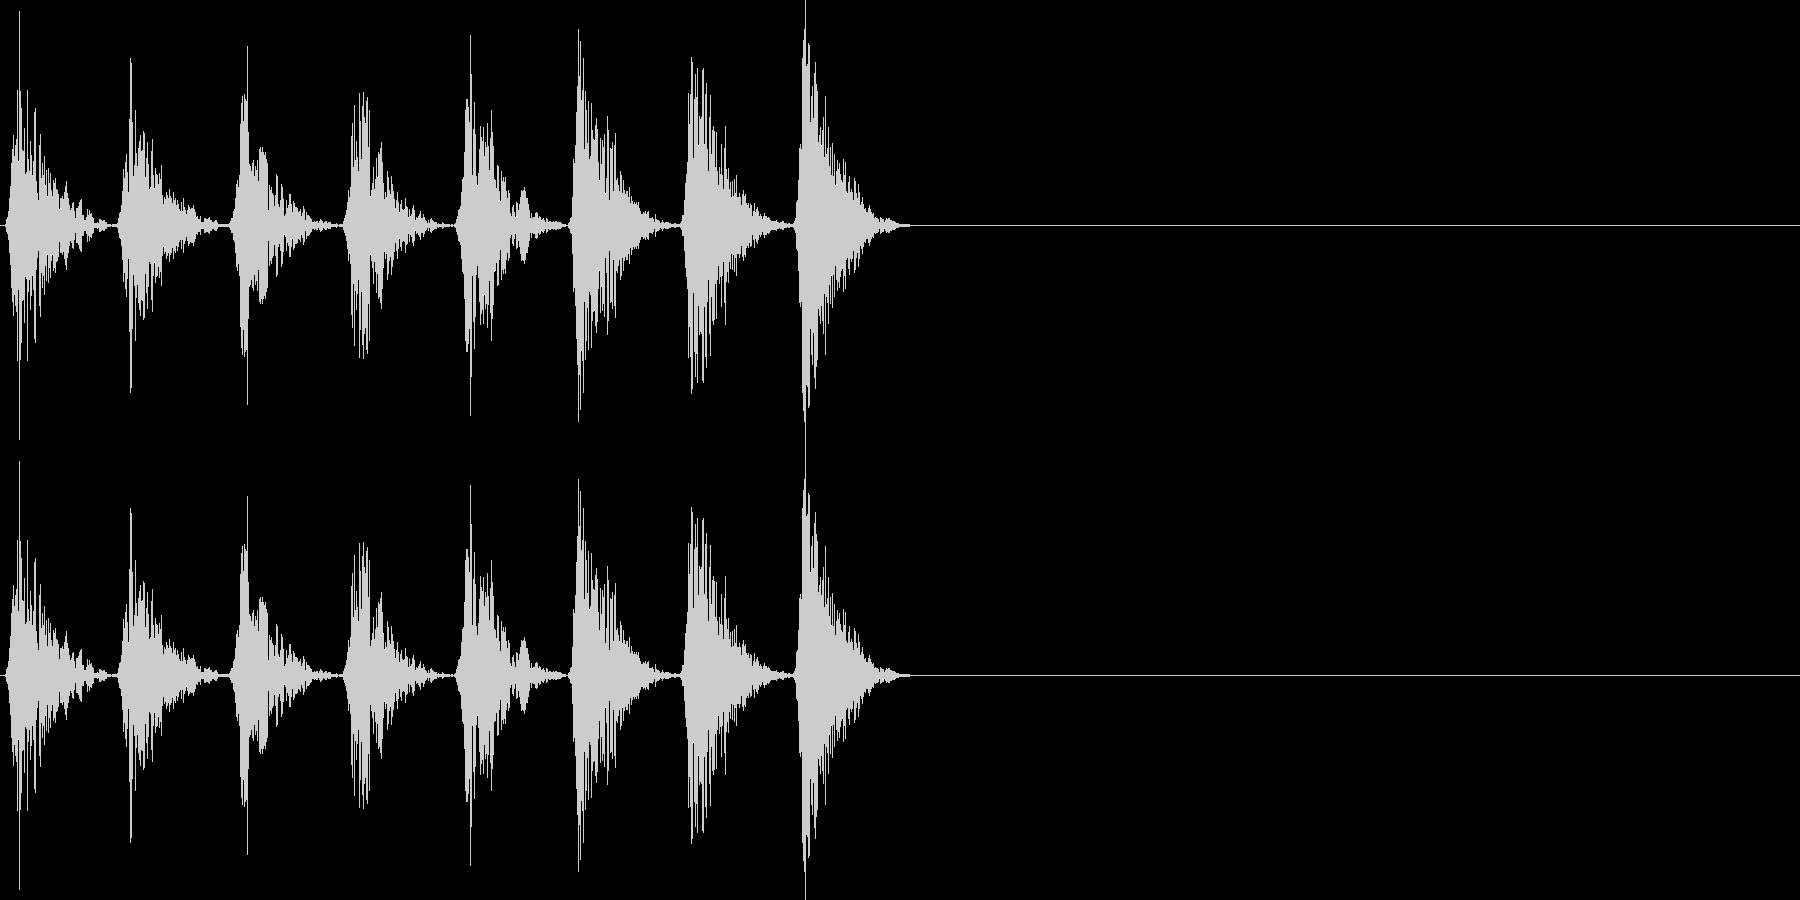 ノイズ ピッチアップ 16ビートの未再生の波形